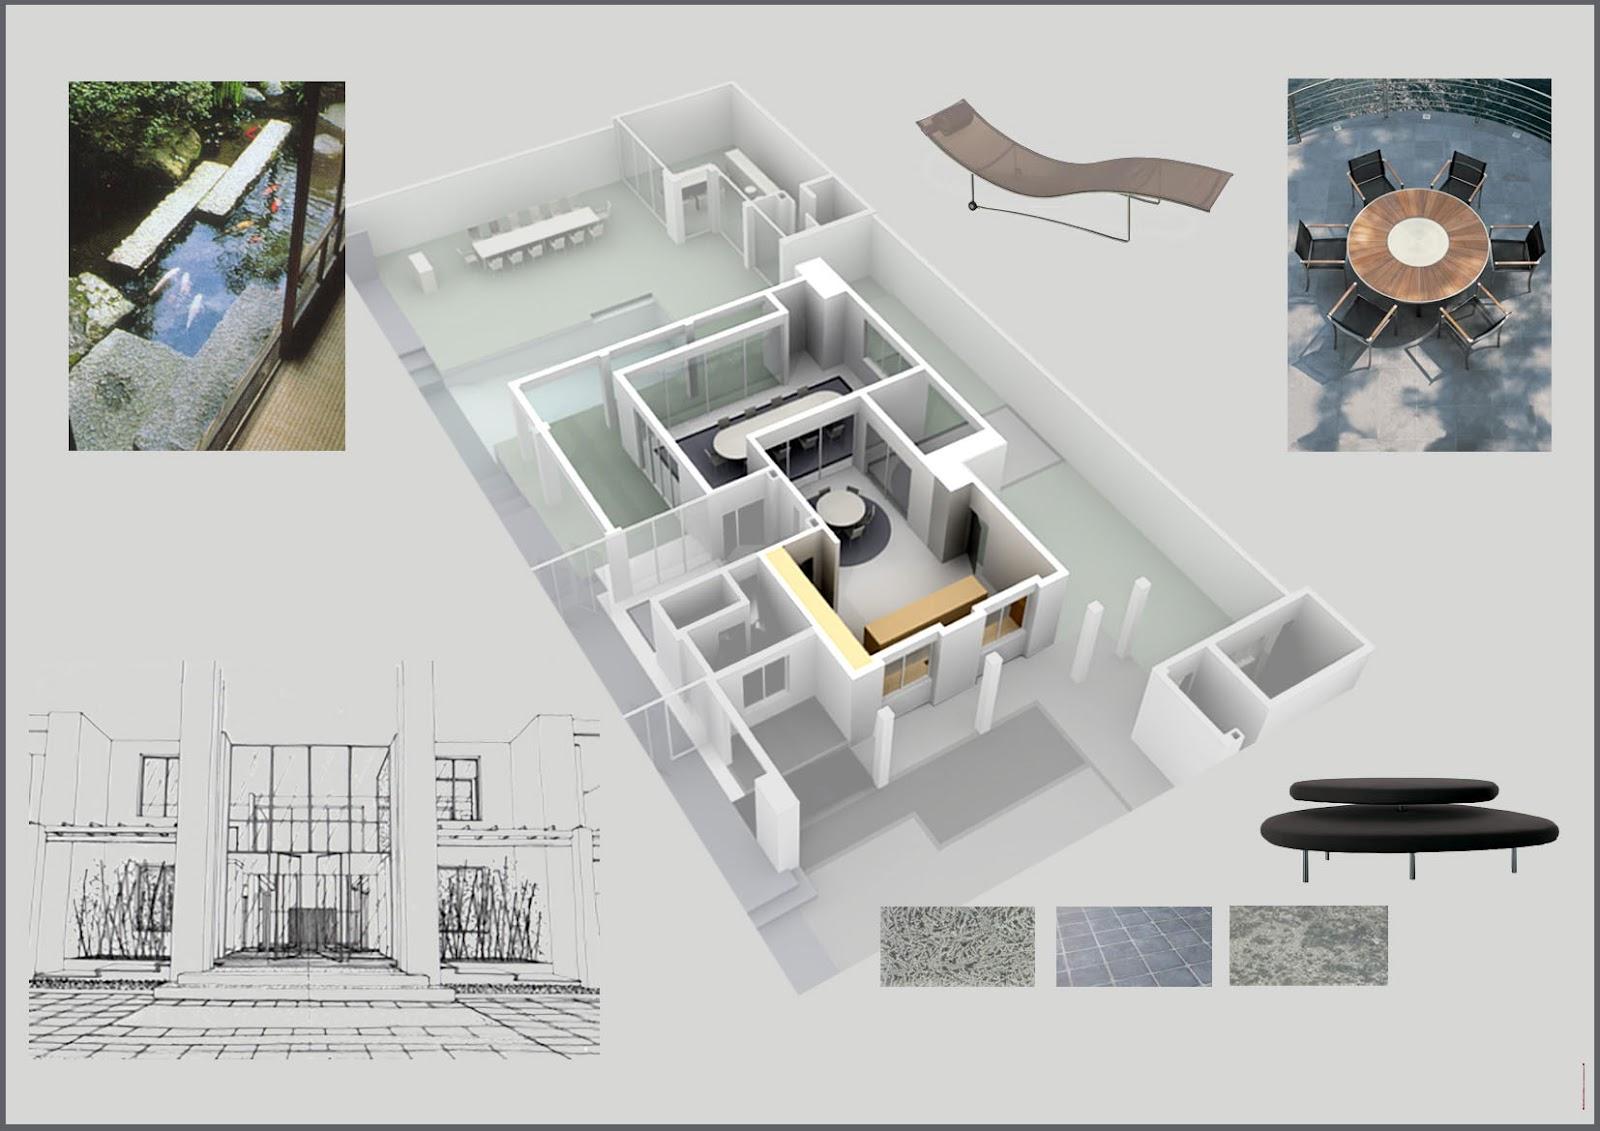 St phane le moign architecture dessinateur projeteur for Dessinateur d architecte